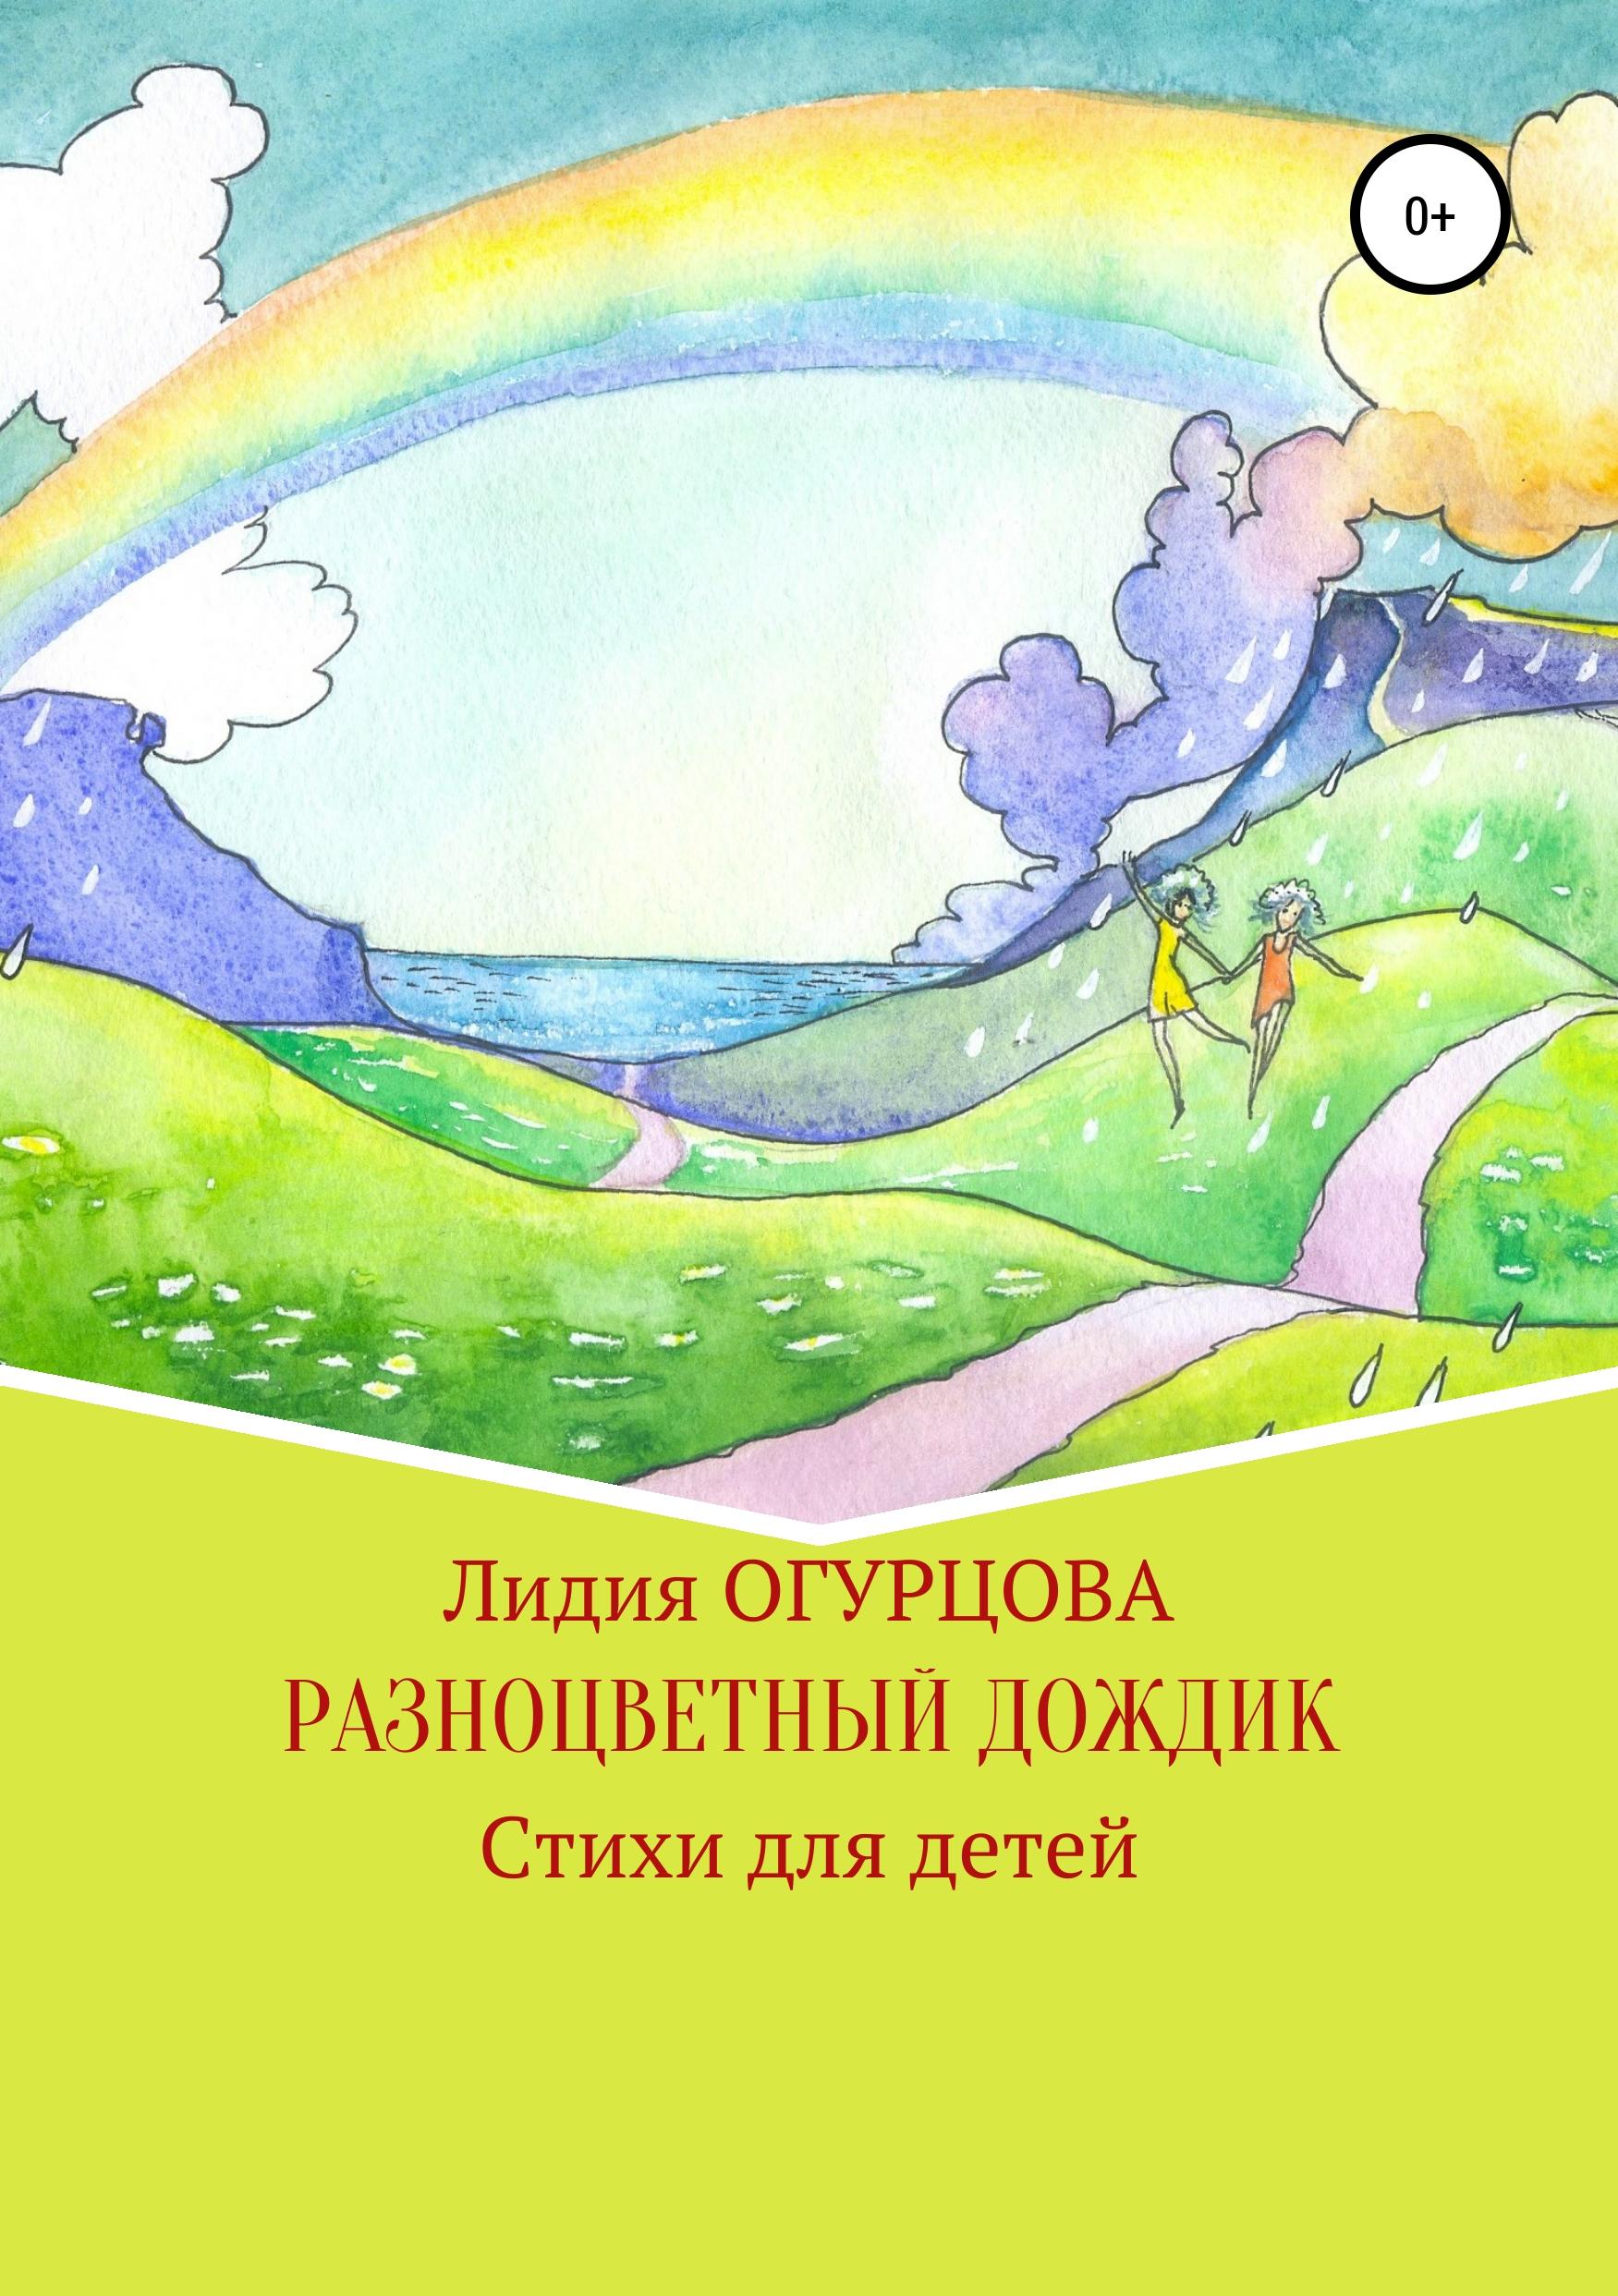 Лидия Викторовна Огурцова Разноцветный дождик лидия викторовна огурцова путешествие даши по волшебному крыму